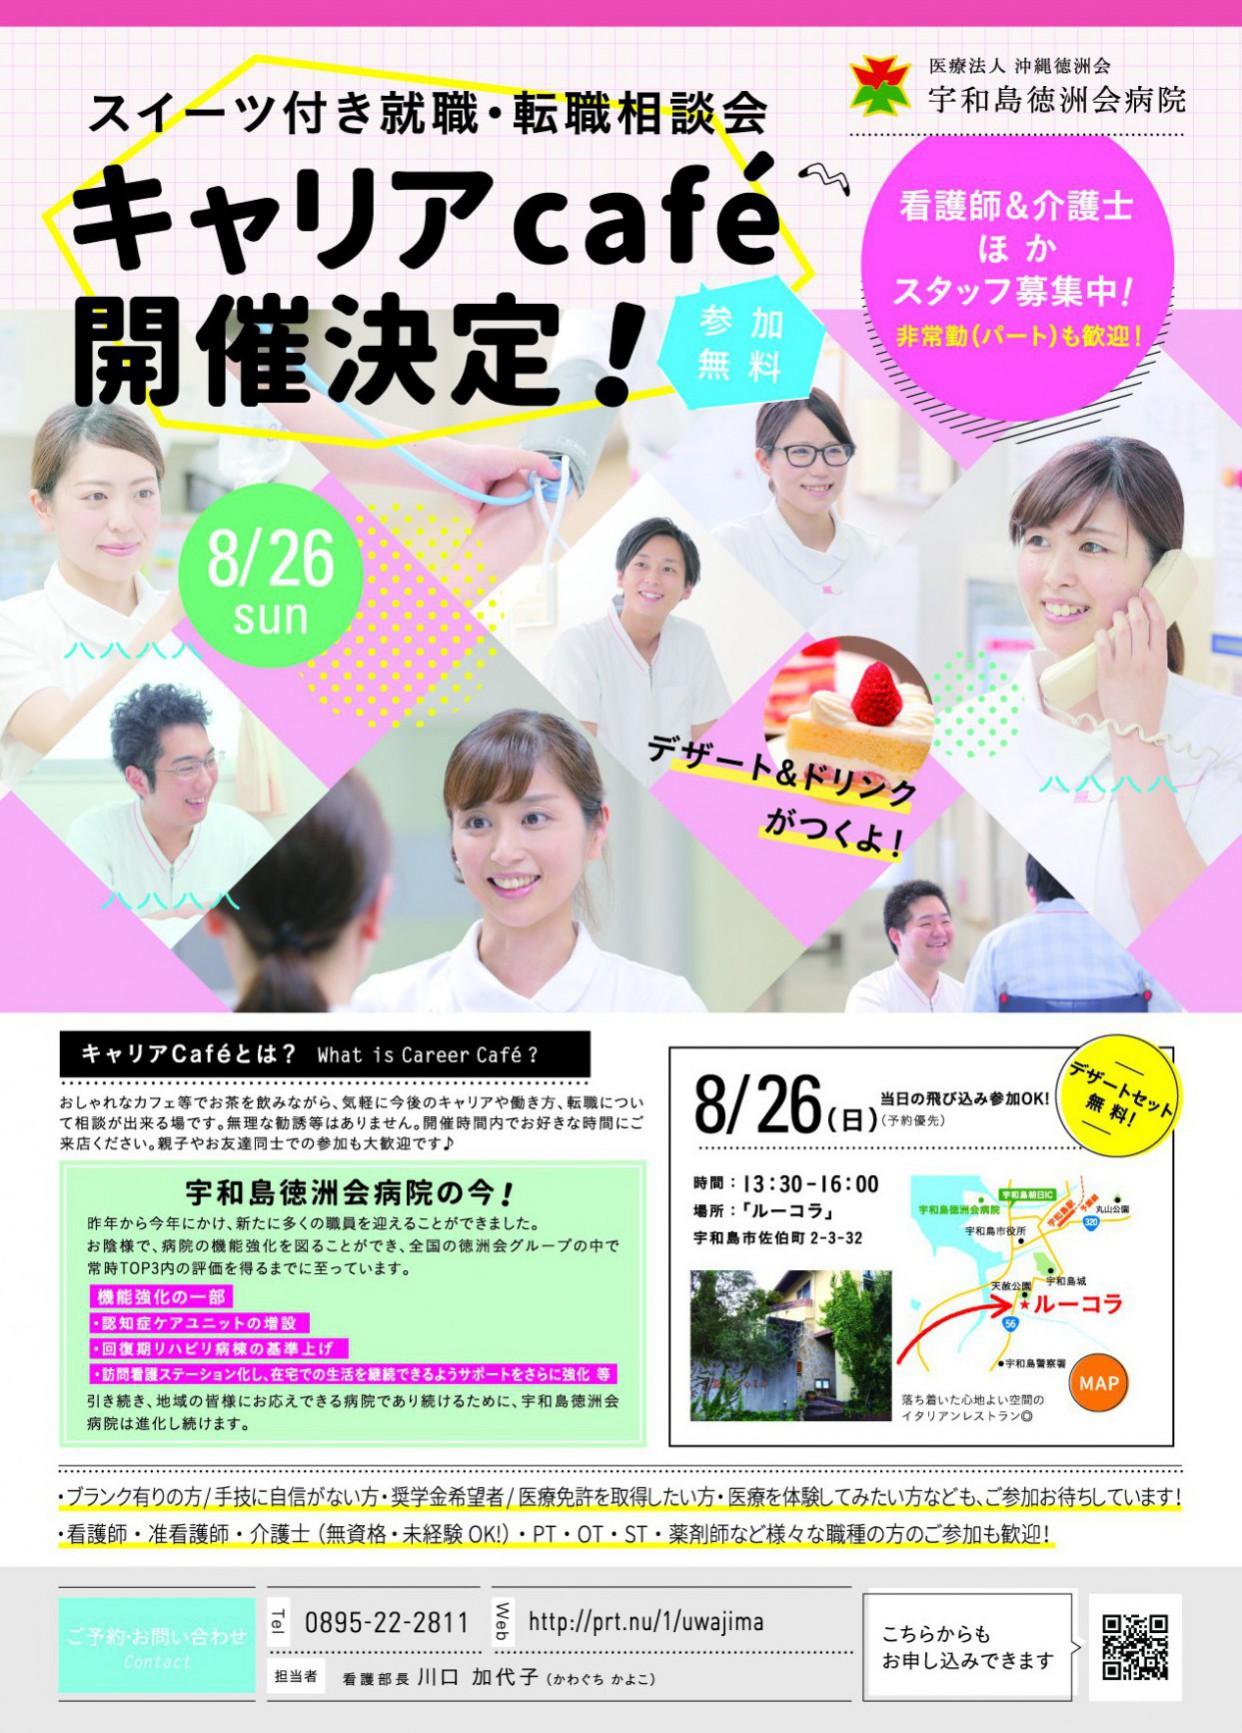 uwajima_180724_omote_nyu